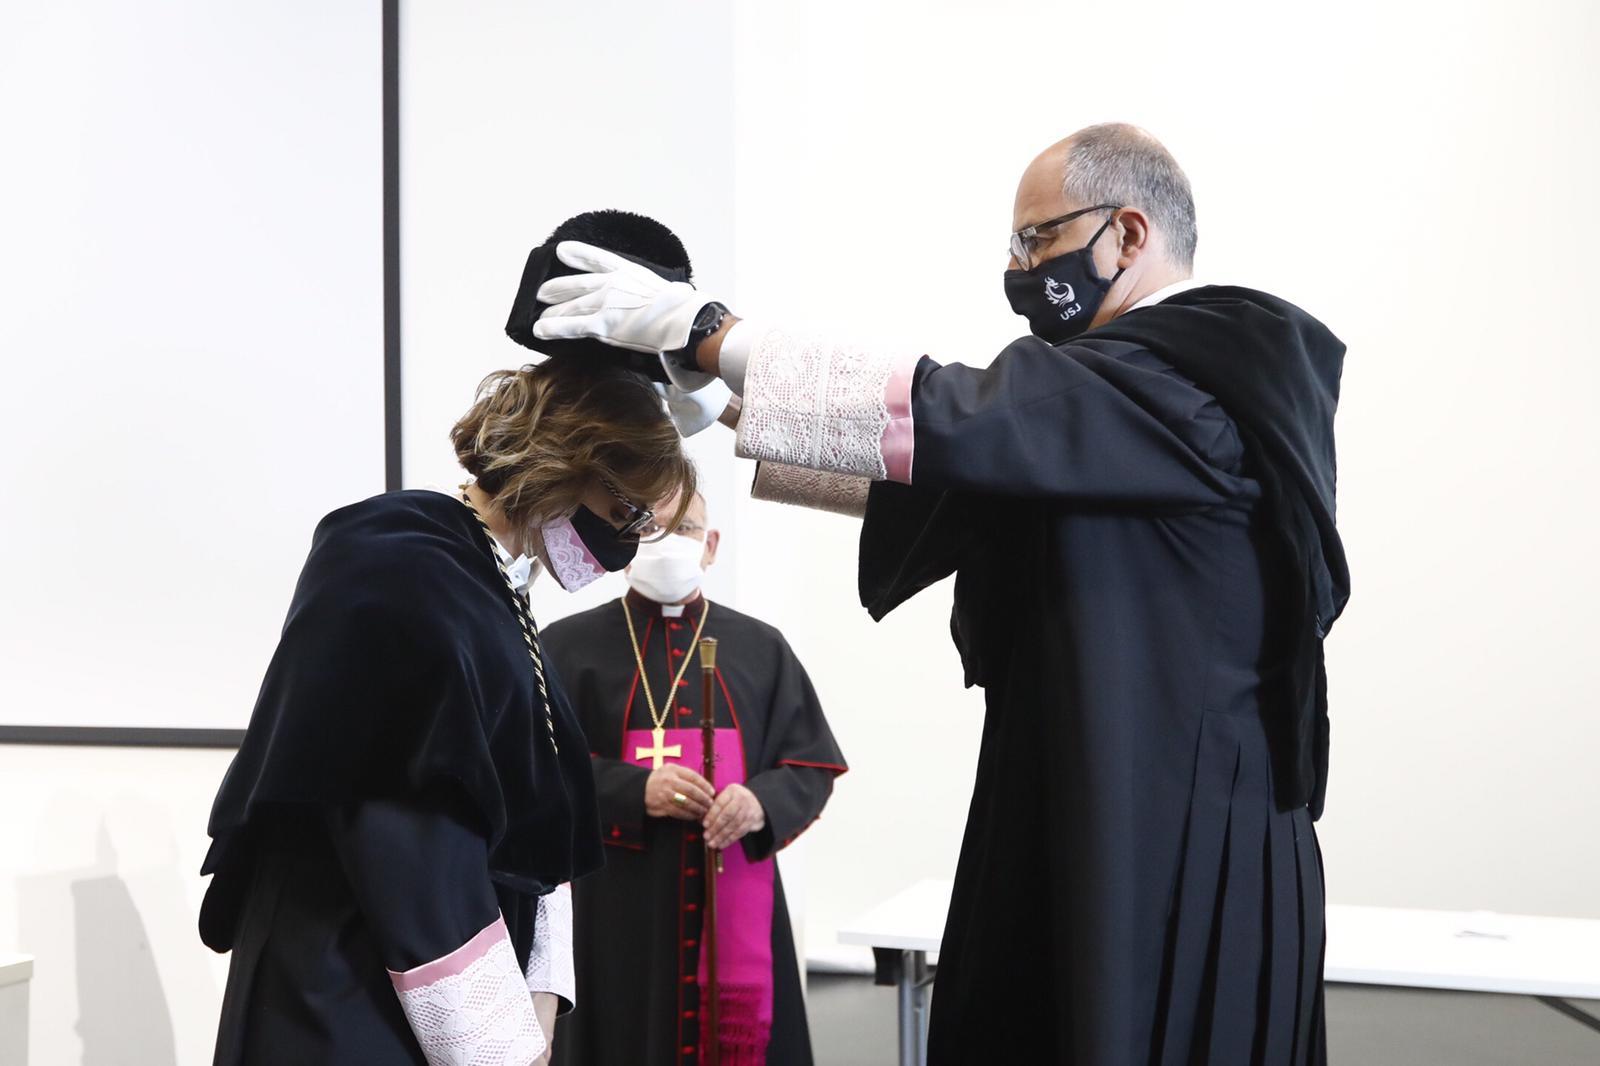 La Universidad San Jorge ha celebrado esta mañana el acto oficial de la toma de posesión de su nueva rectora, Berta Sáez,